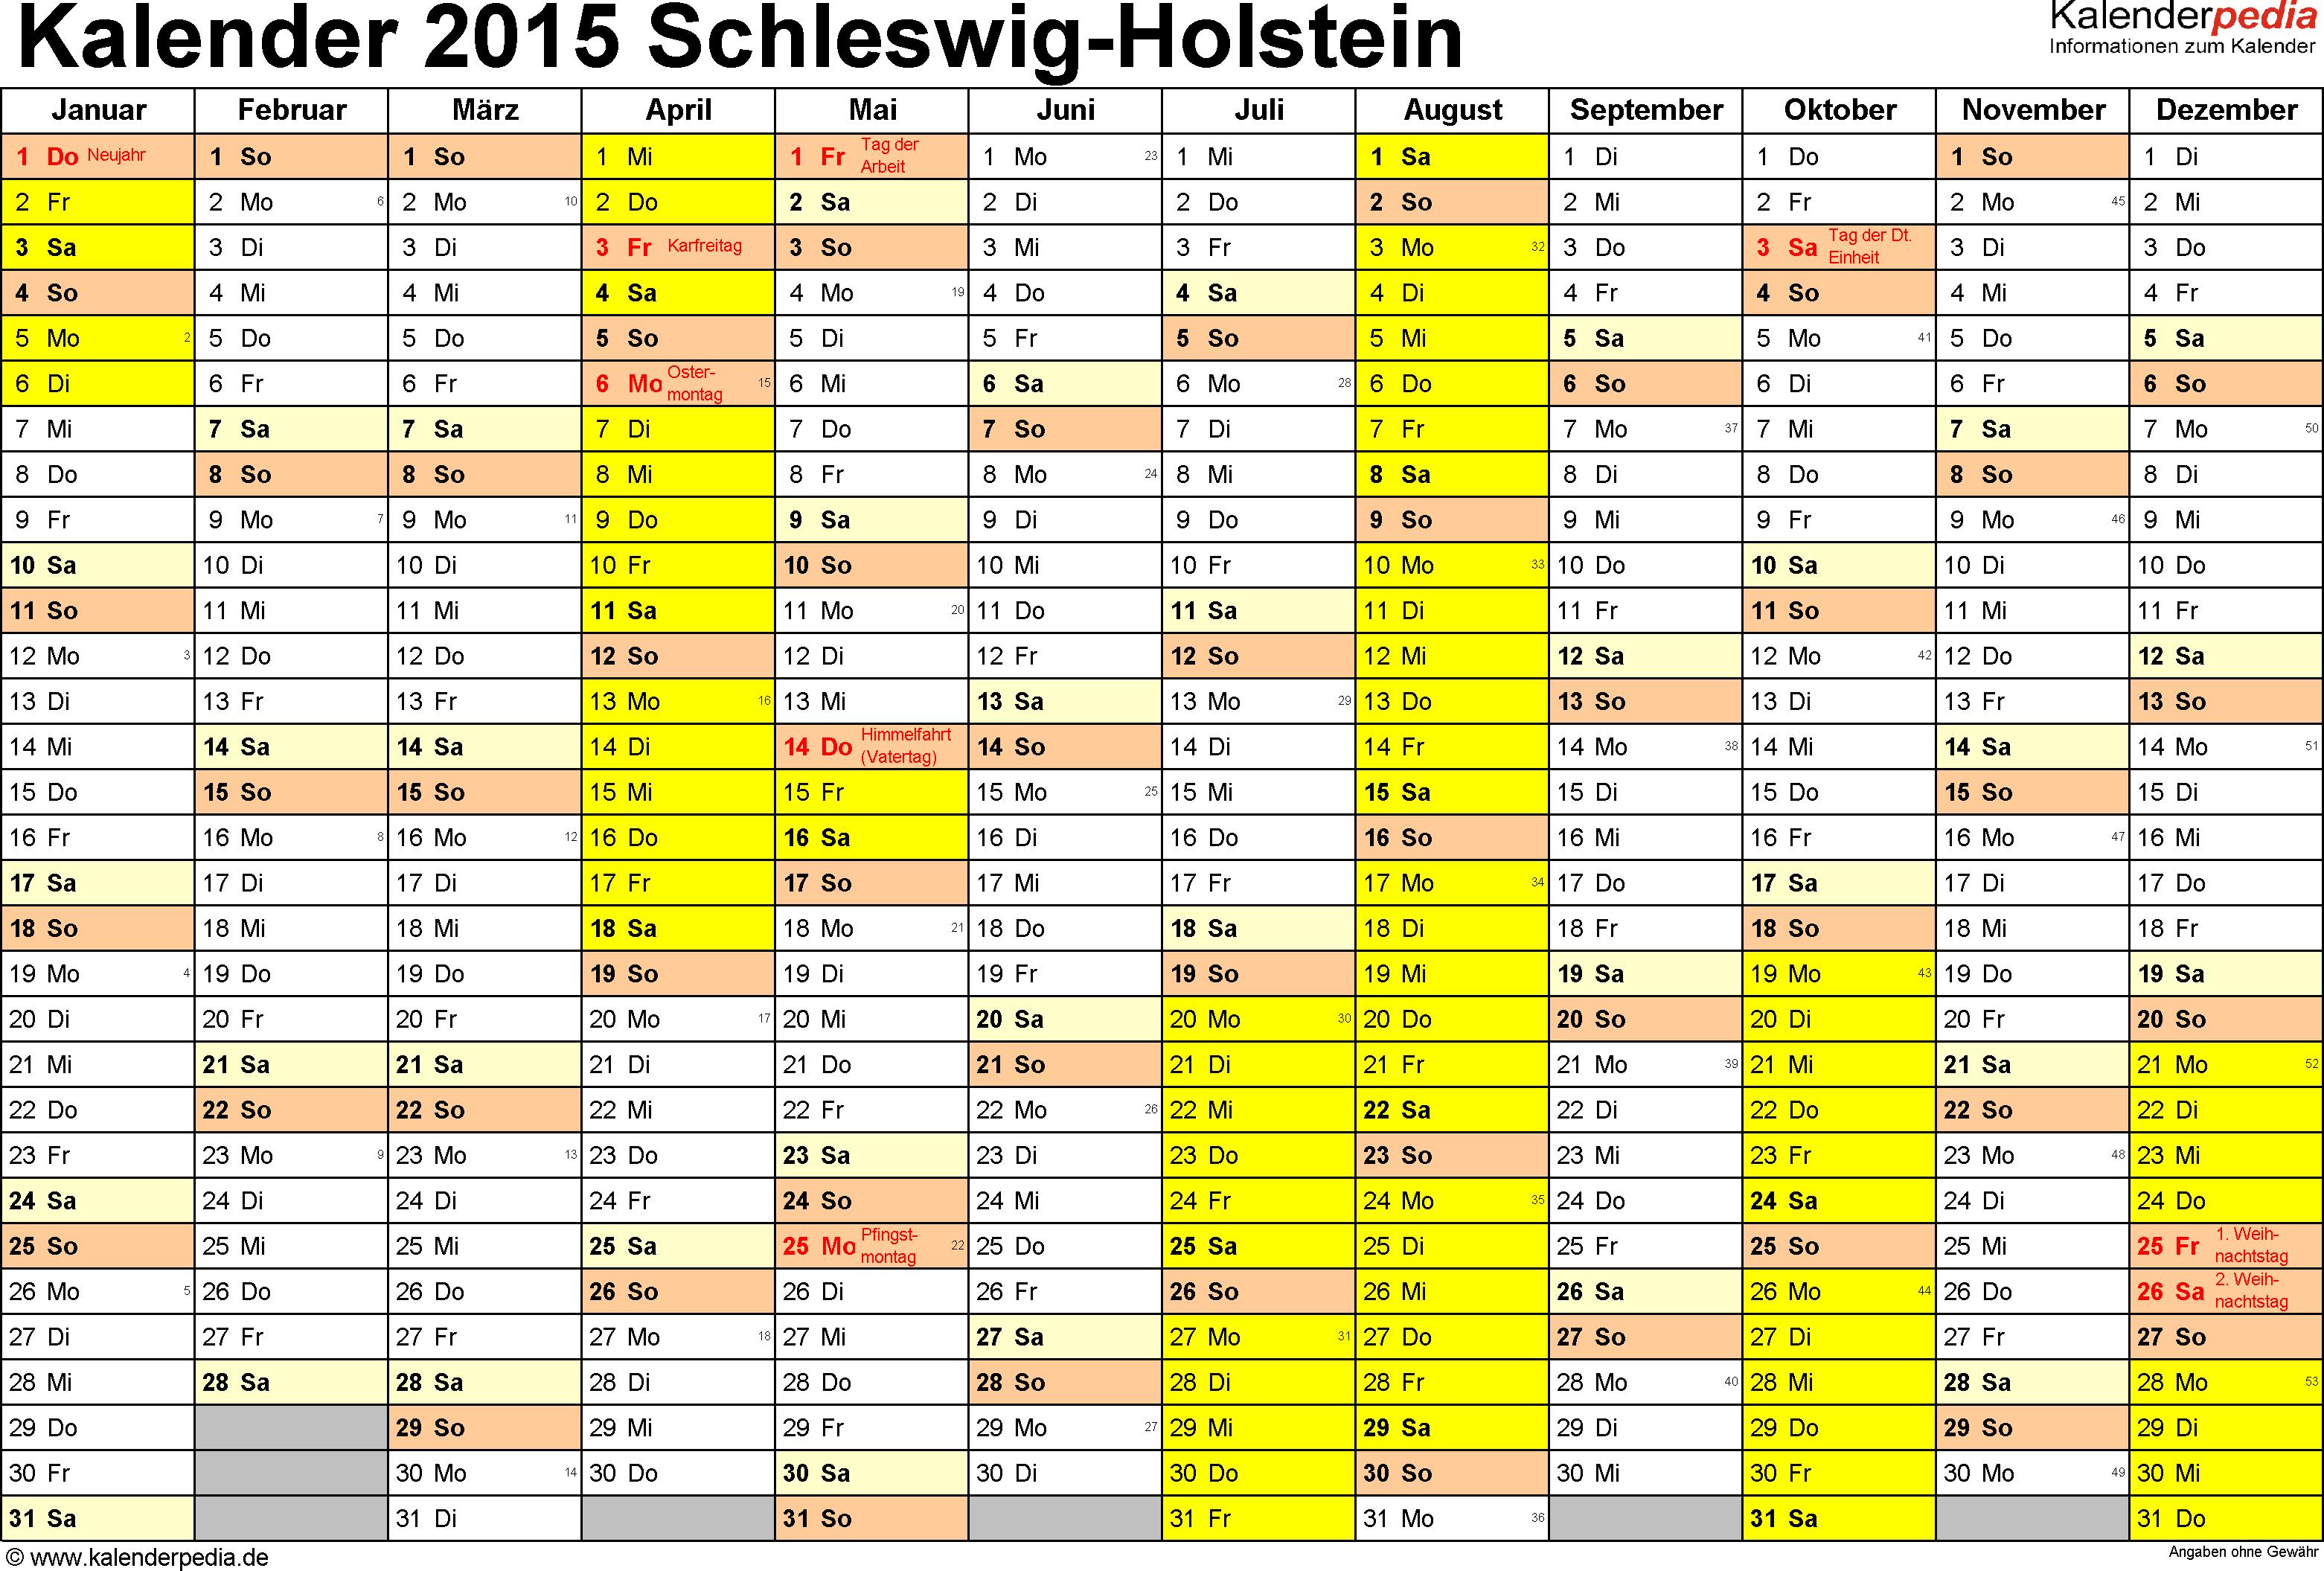 Vorlage 1: Kalender 2015 für Schleswig-Holstein als Excel-Vorlagen (Querformat, 1 Seite)